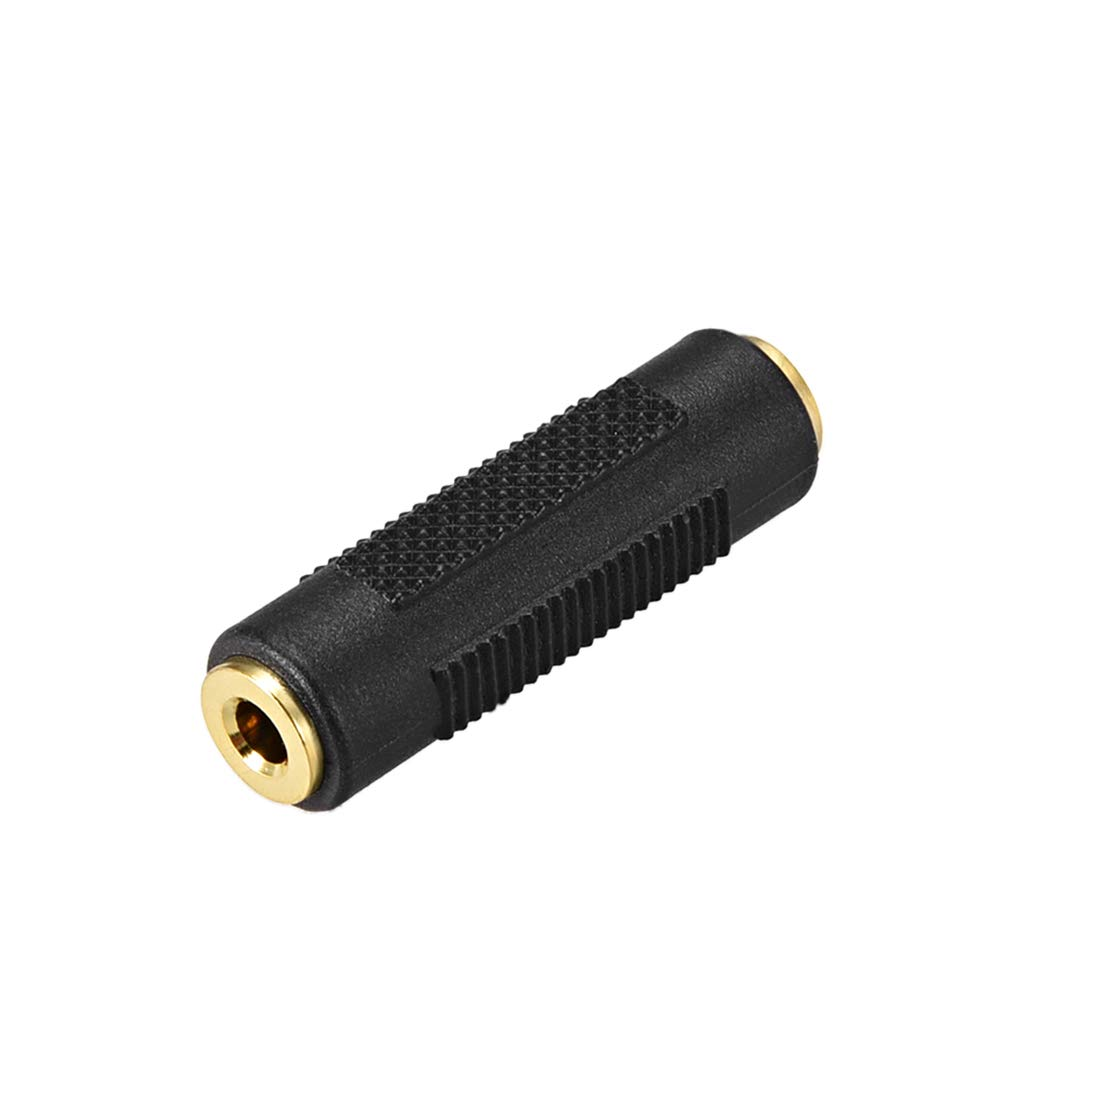 uxcell 3.5mm Female to Female Connector Splitter Adapter Coupler Black for Stereo Audio Video AV TV Cable Convert